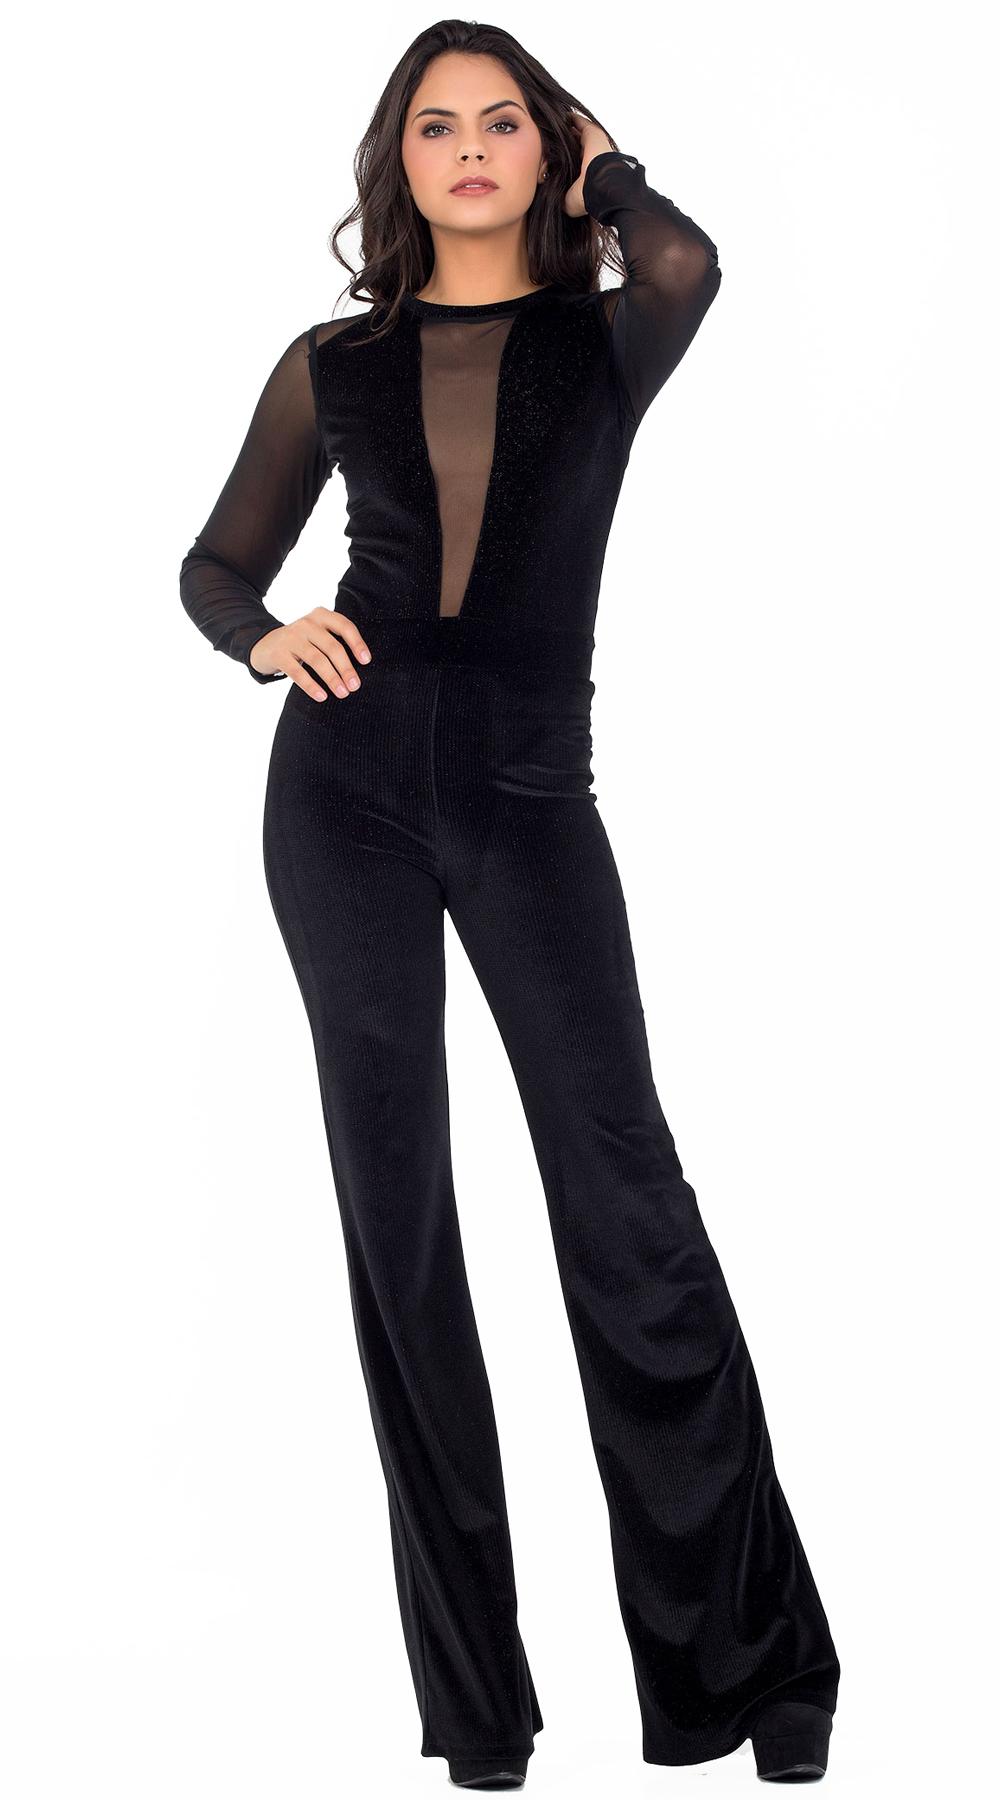 Γυναικεία βελούδινη ολόσωμη φόρμα με διαφάνεια Online - OEM - W18ON-22540 top trends glam occassions